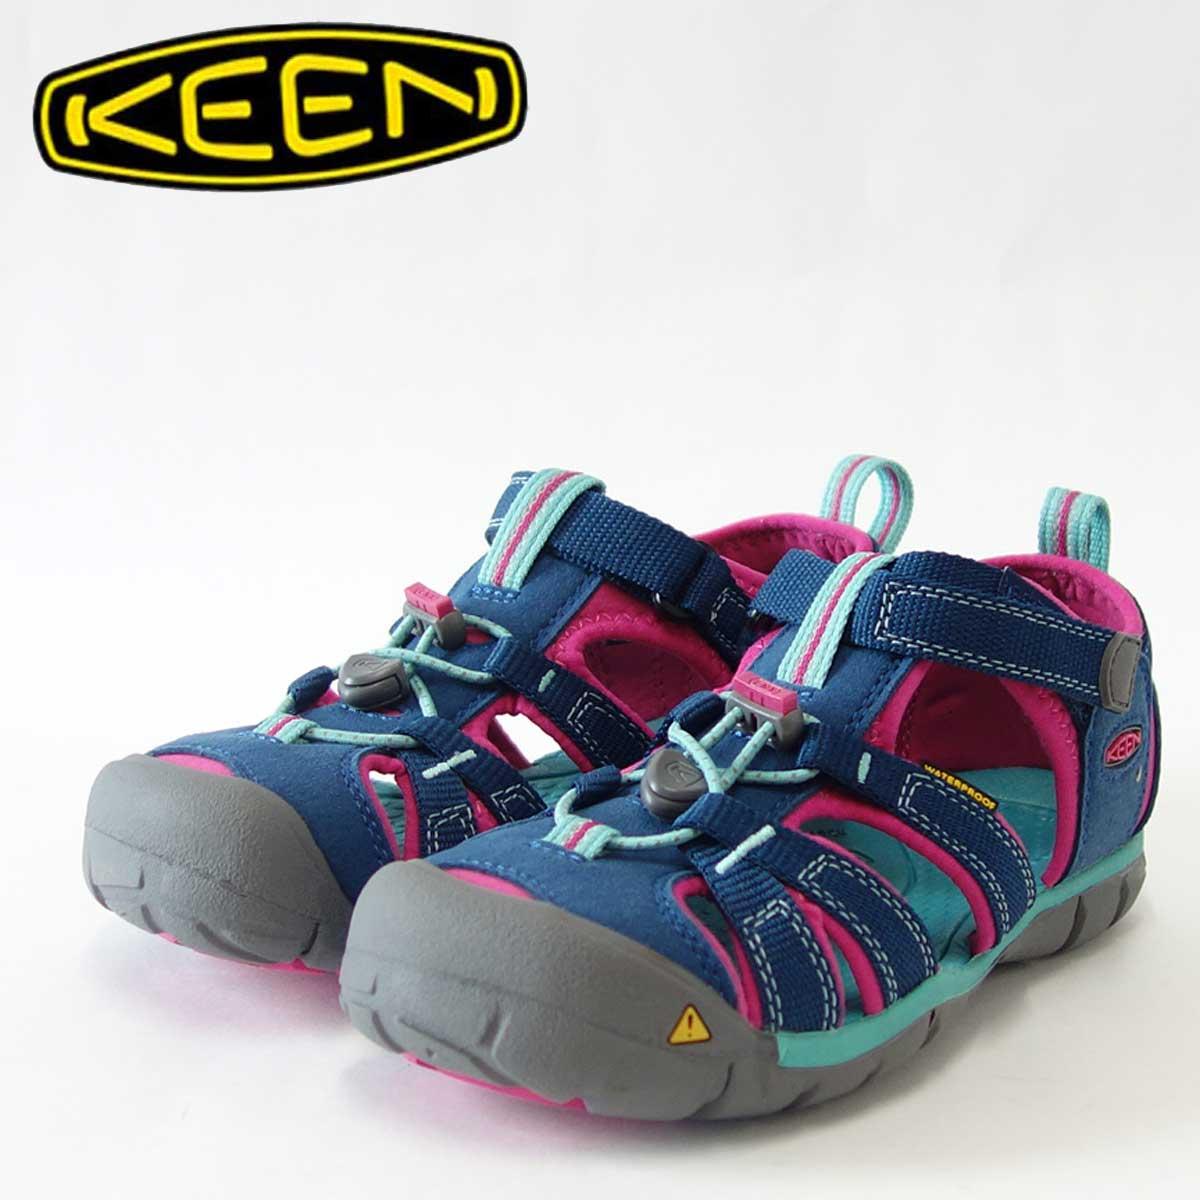 KEEN キーン KIDS Seacamp 2 cnx 1014127(キッズ)1014124 シーキャンプツーシーエヌエックスカラー:Poseidon / Very Berryアクティブスポーツハイブリッドシューズ「靴」